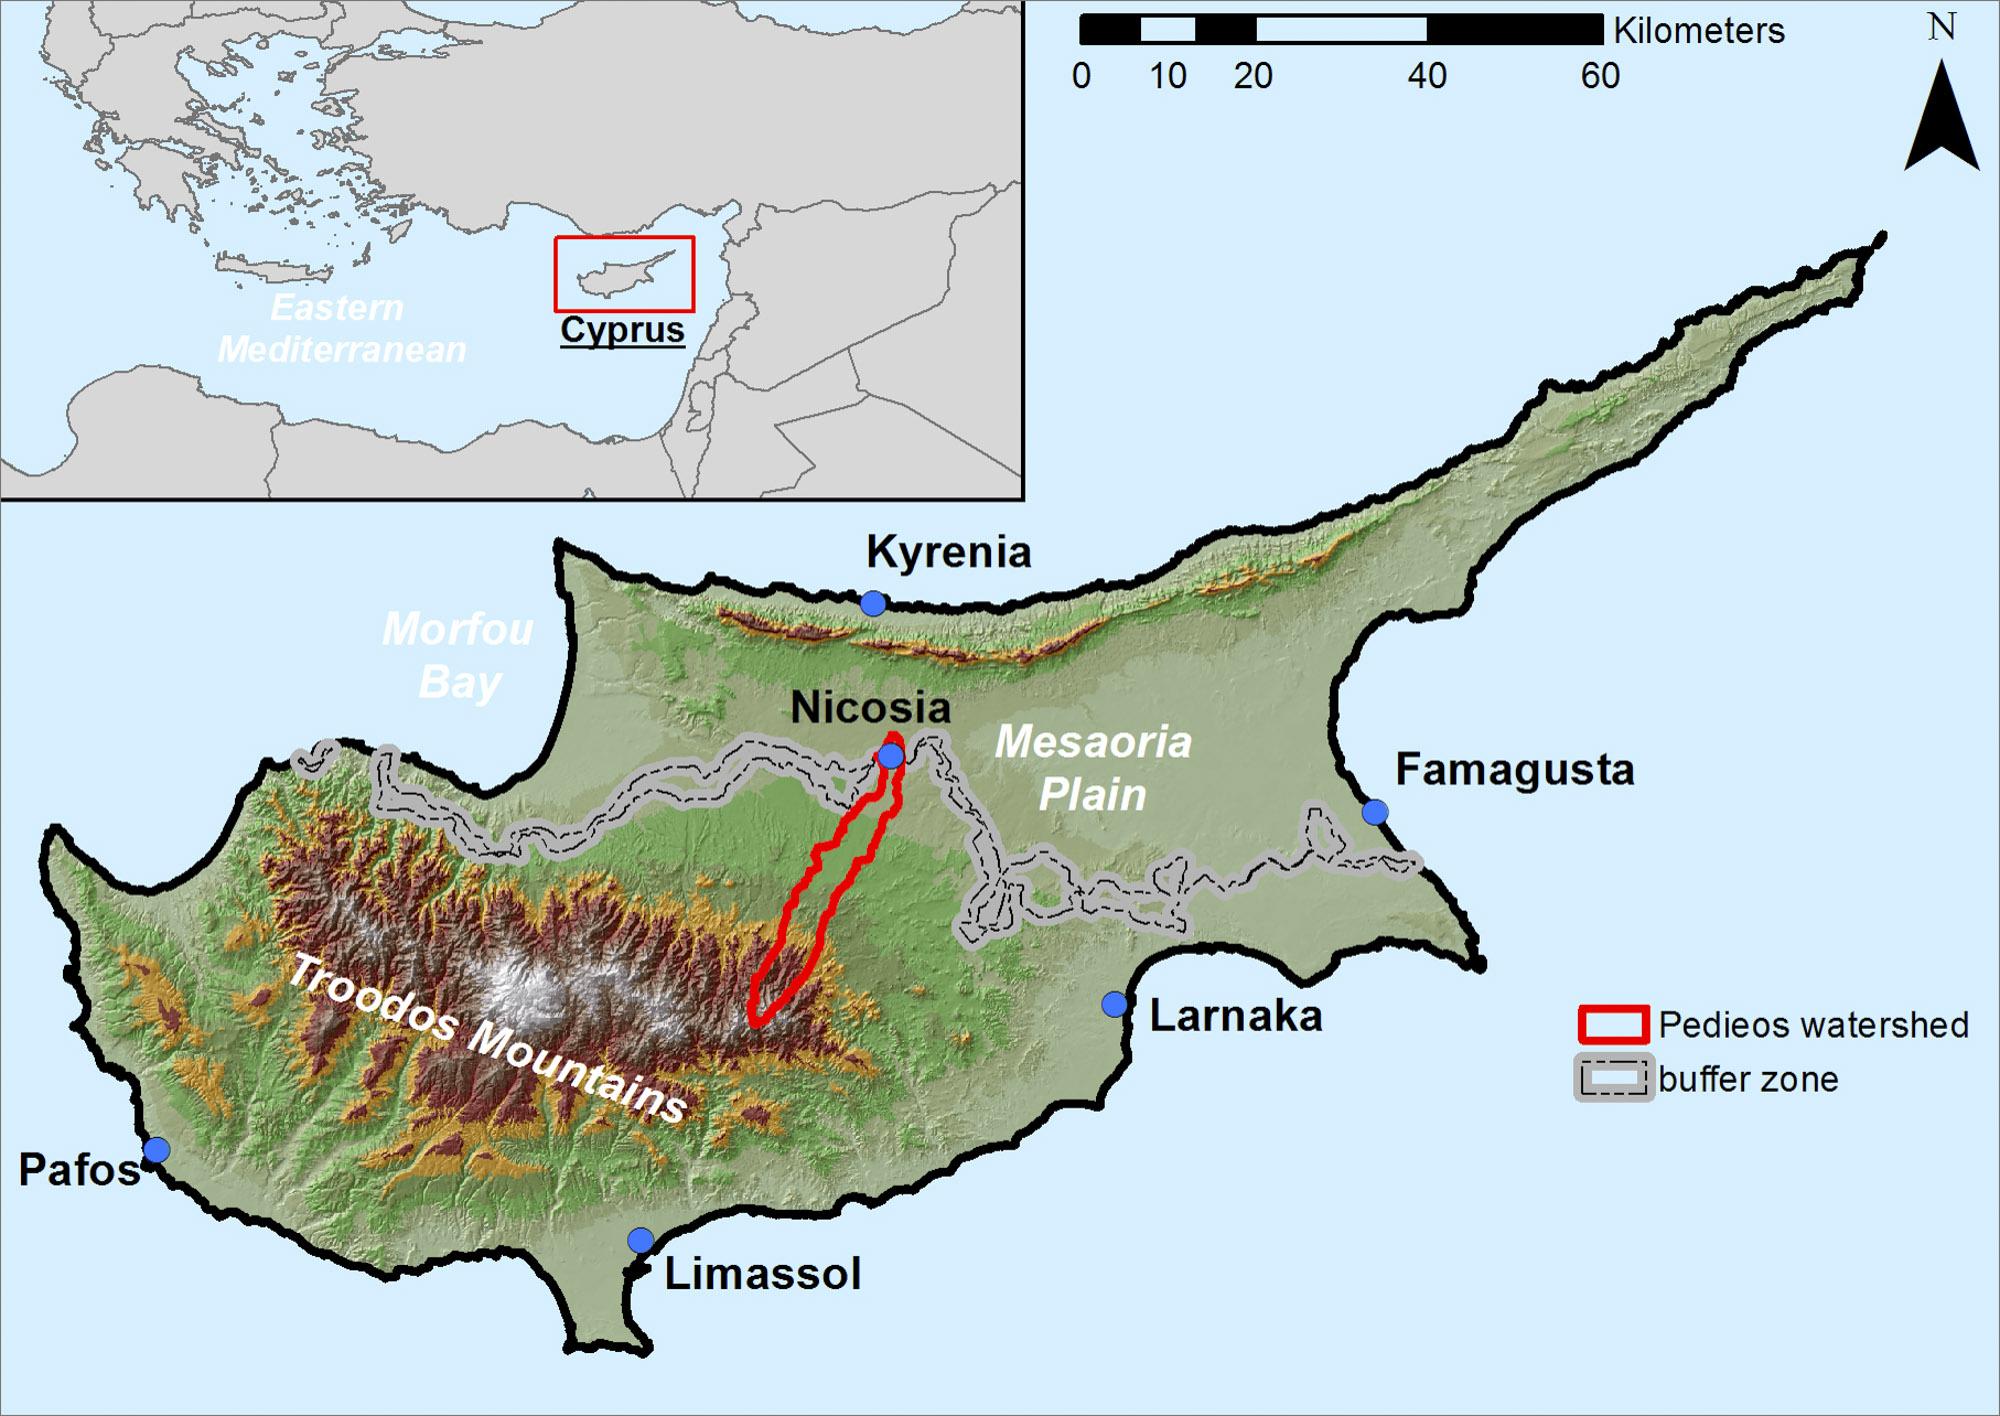 Pedieos Watershed /Source: The Cyprus Institute (EEWRC)